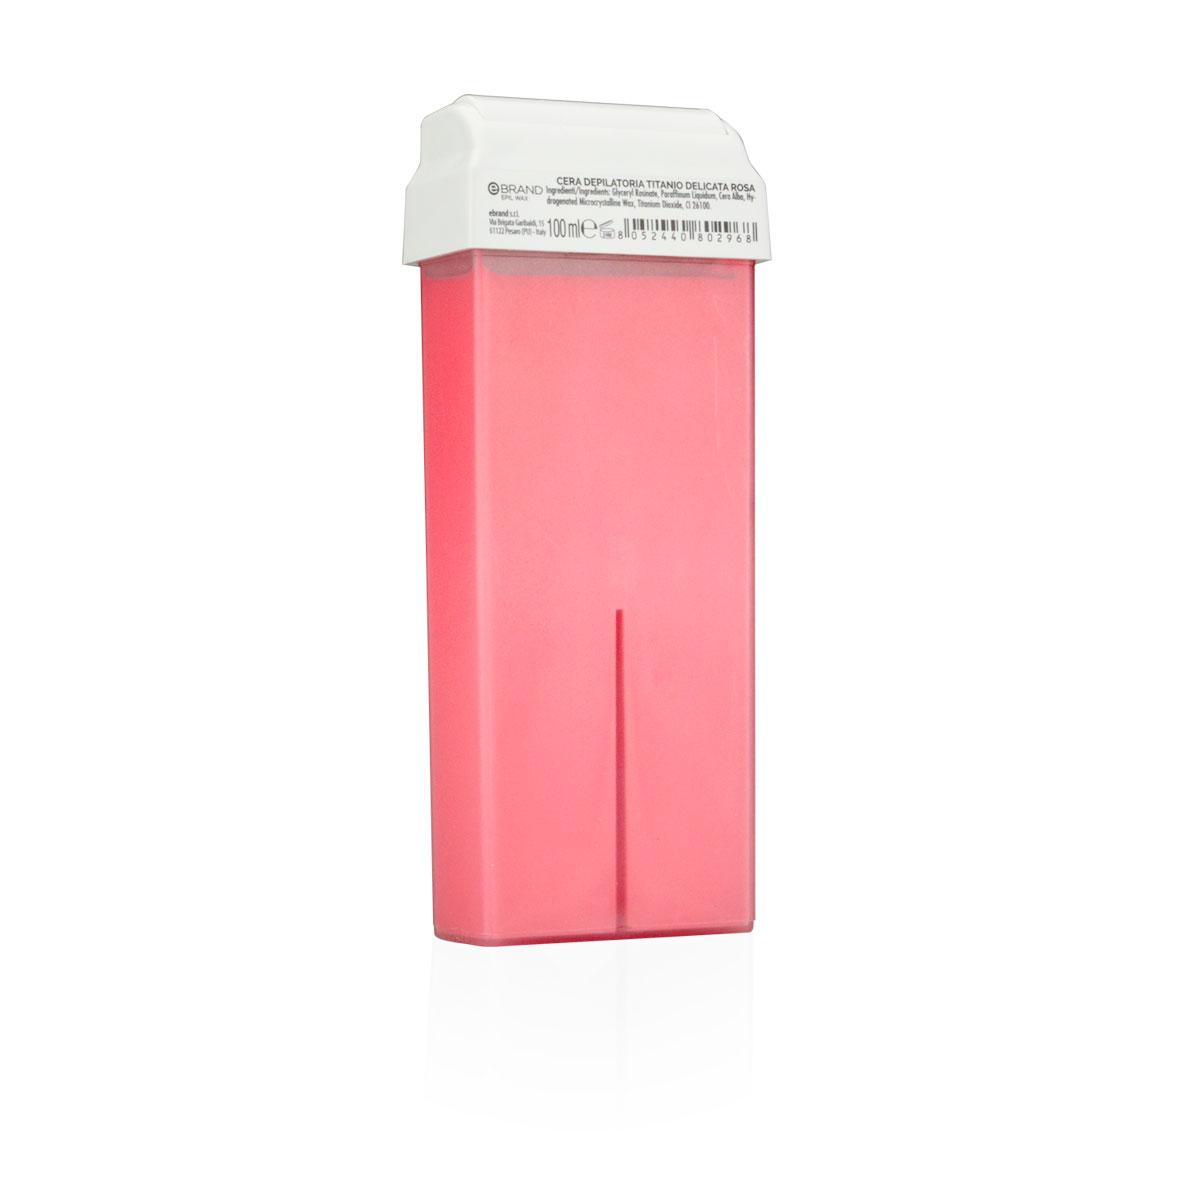 Rullo ceretta ricarica titanio rosa delicata liposolubile